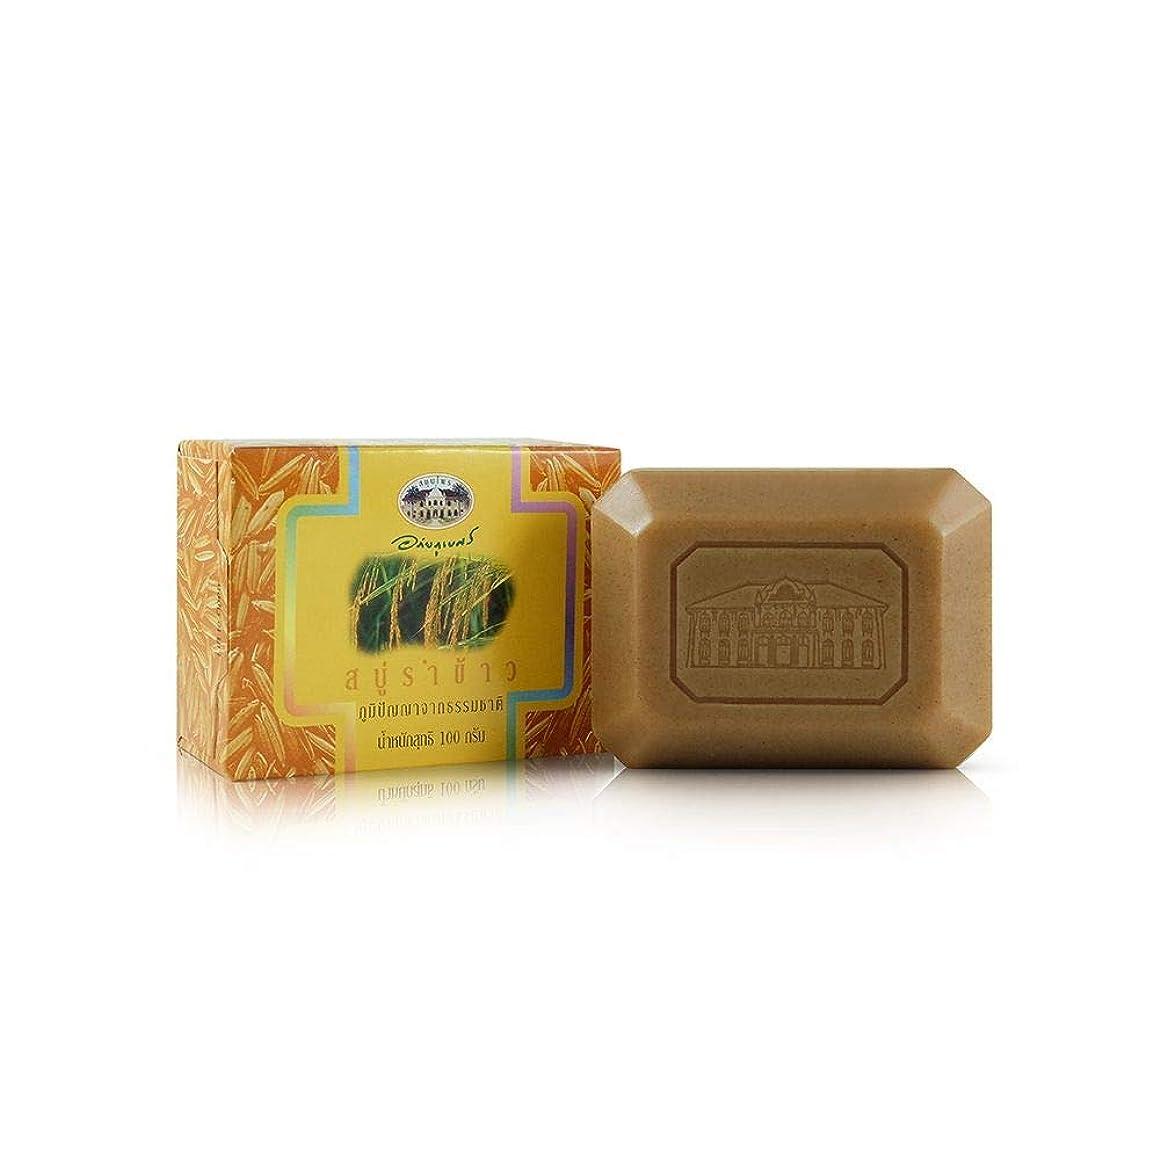 操作可能フェリー伝統的Abhaibhubejhr Rice Bran Herbal Body Cleansing Soap 100g. Abhaibhubejhrライスブランハーブボディクレンジングソープ100グラム。